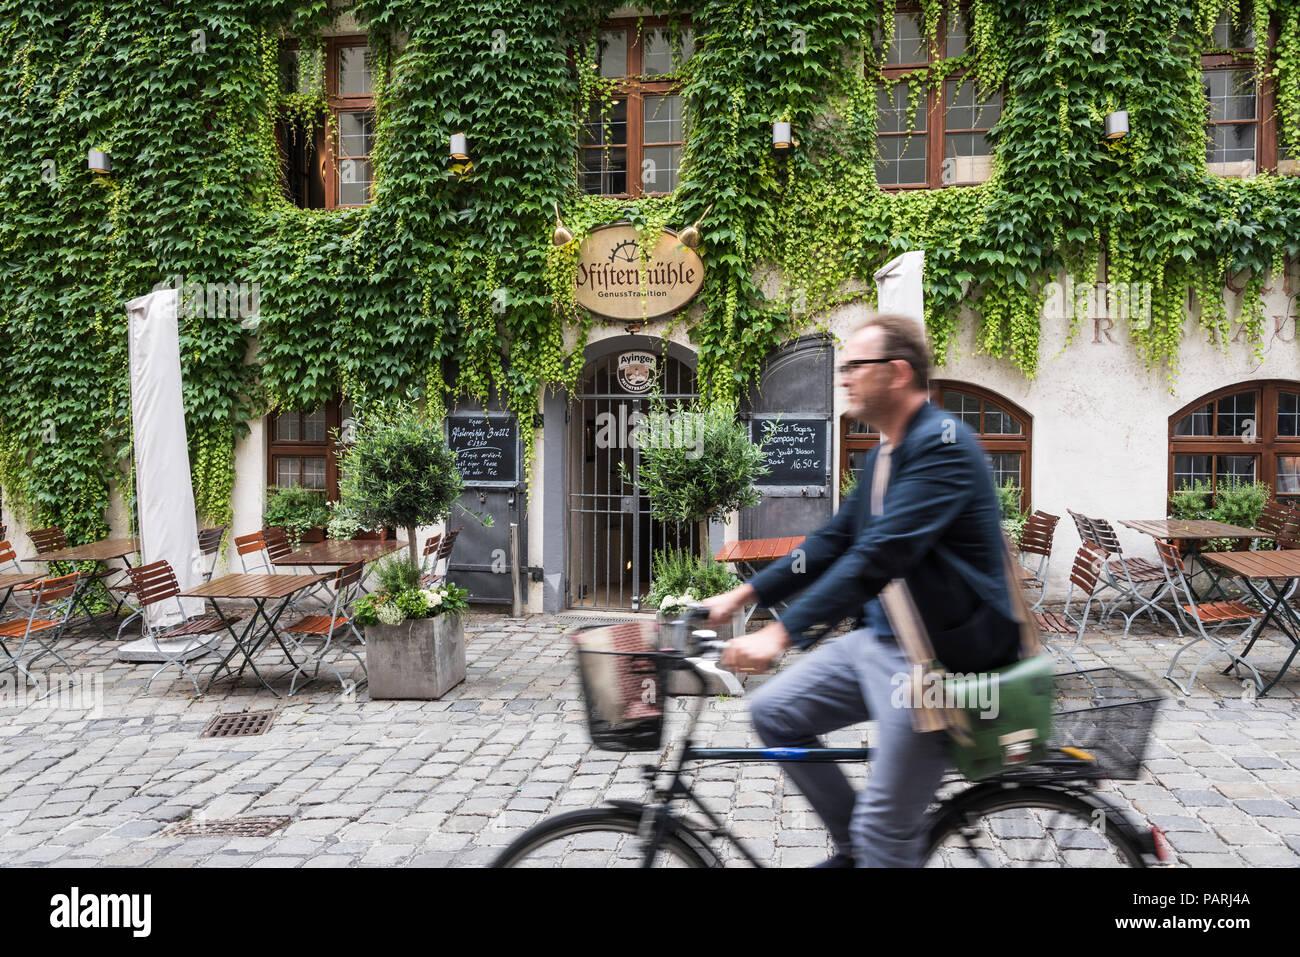 Uomo bicicletta equitazione da coperta di edera ristorante, Monaco di Baviera, Germania Immagini Stock